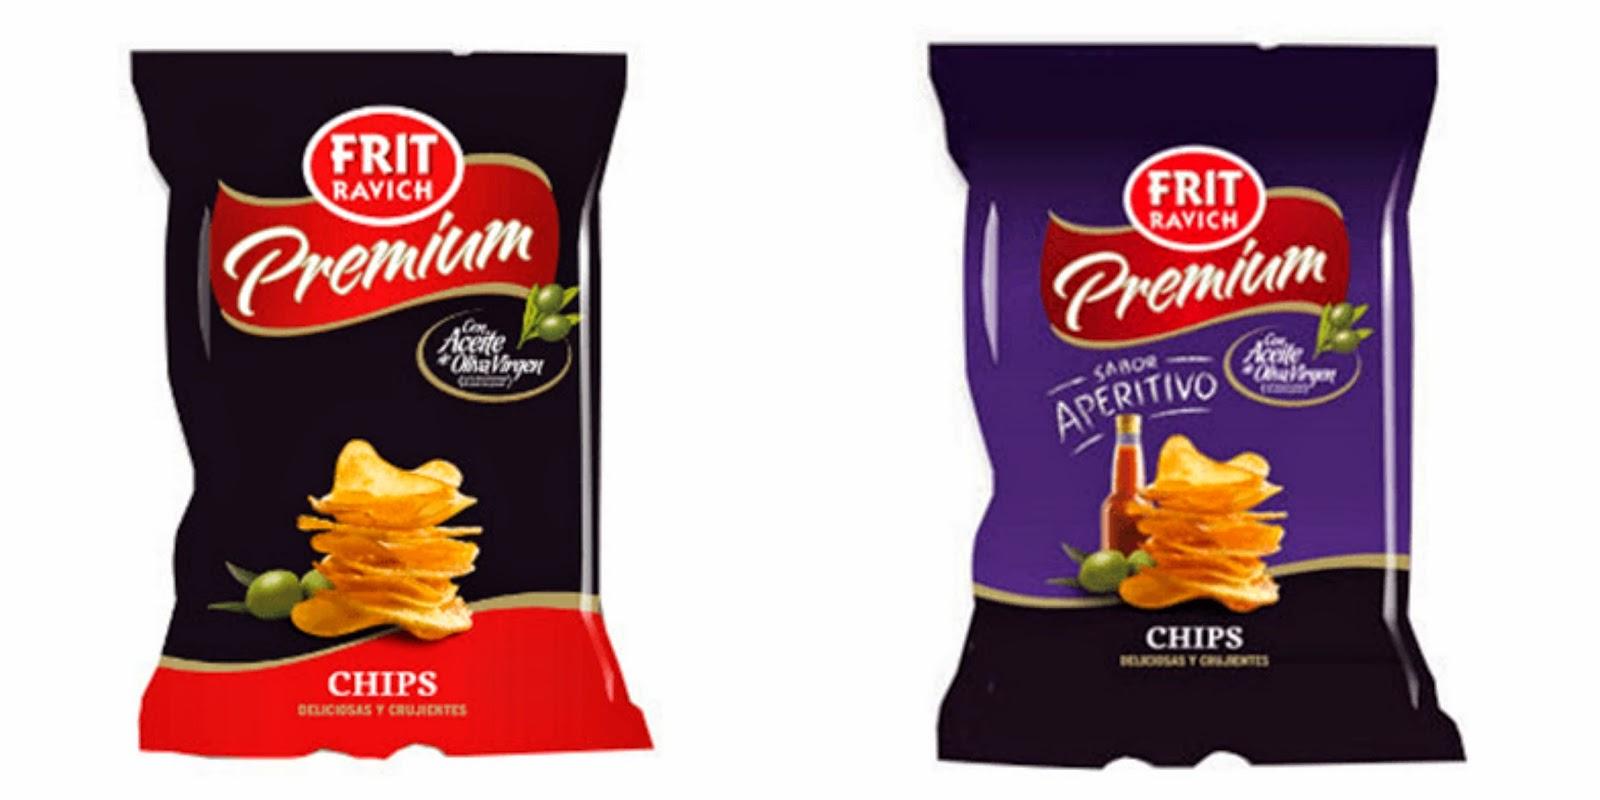 patatas premium Frit Ravich